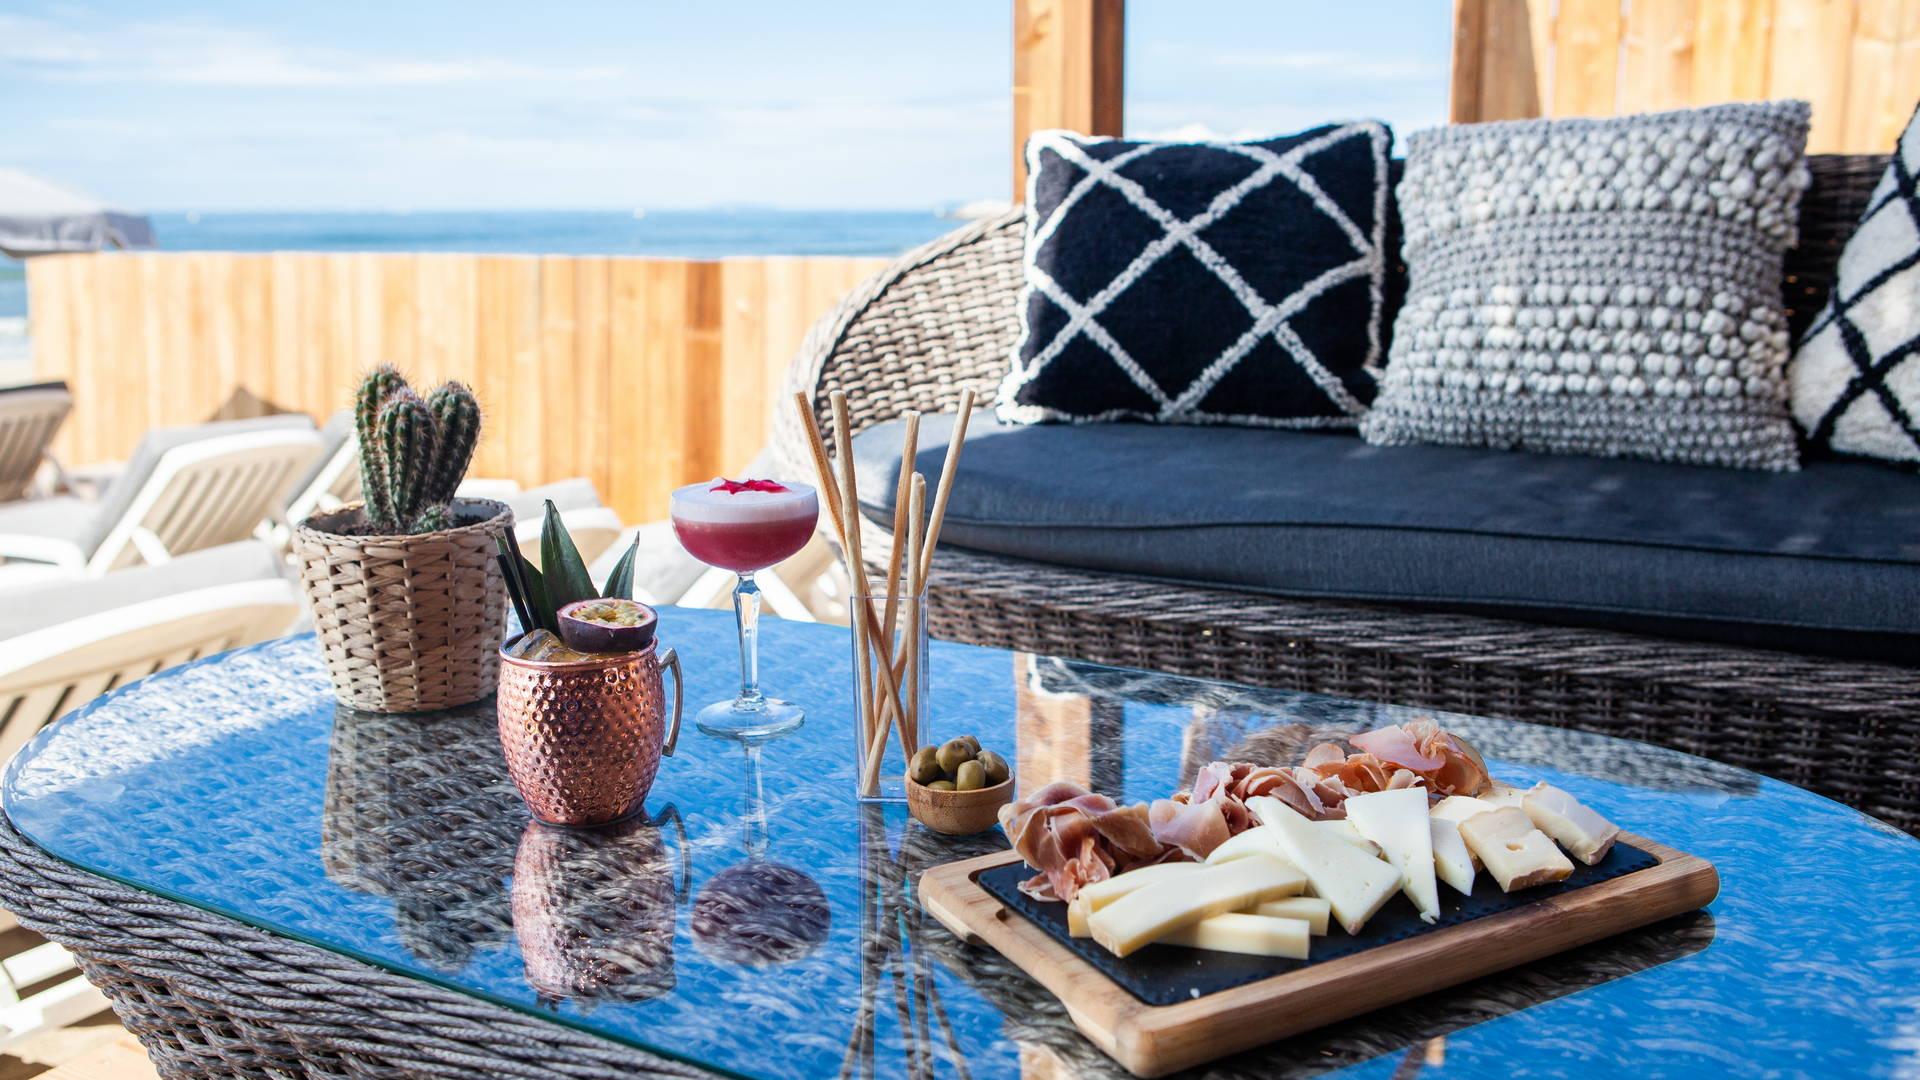 Espace avec canapé et planche de charcuterie et fromage accompagné d'un cocktail au bord de l'eau, plage privée la grande motte, Hôtel La Plage.